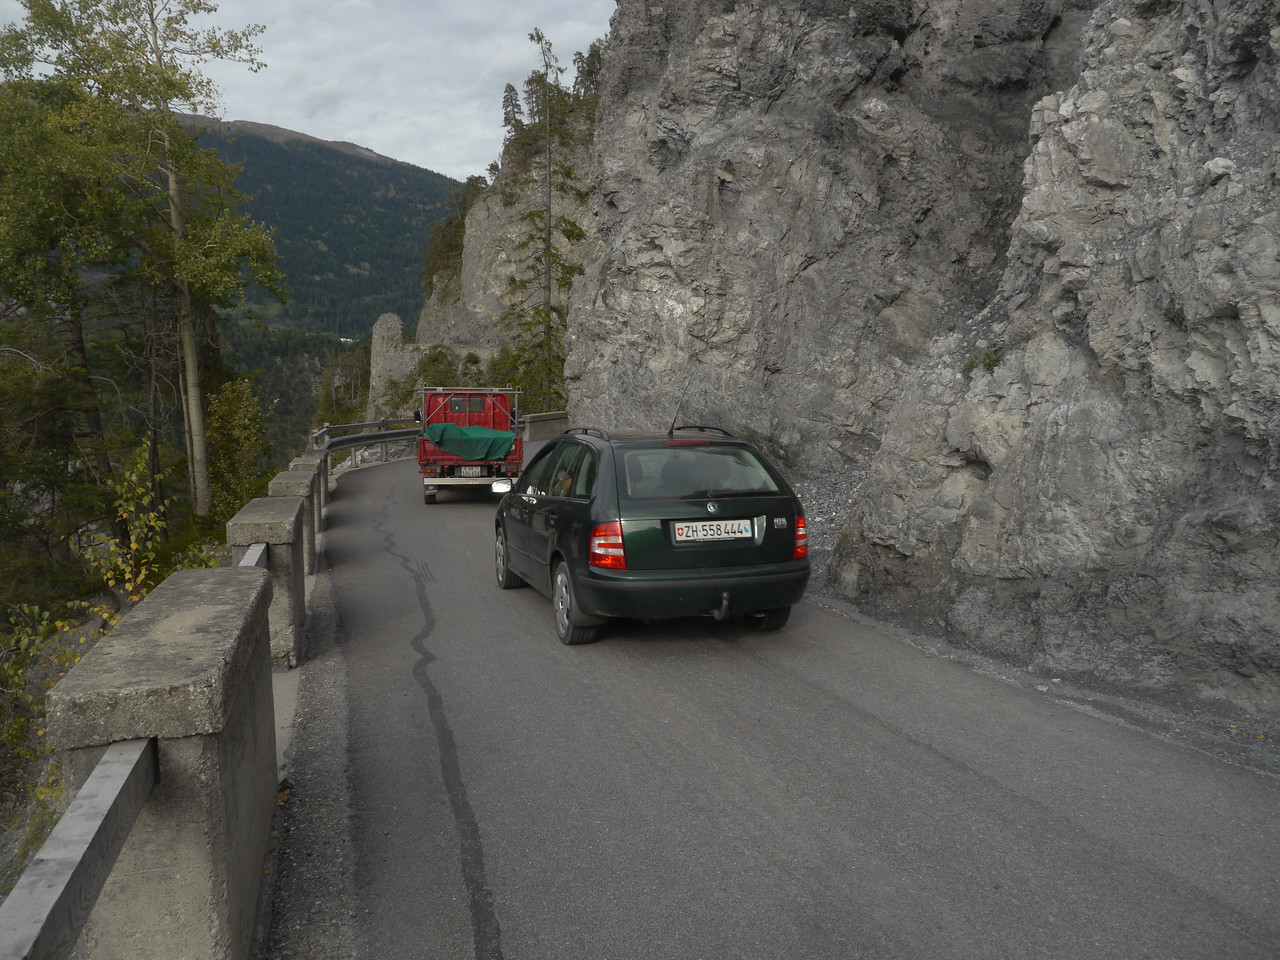 @RobAng 2013 / Versam, Trin Mulin, Kanton Graubünden, CHE, Schweiz, 734 m ü/M, 2013/10/03 16:14:03